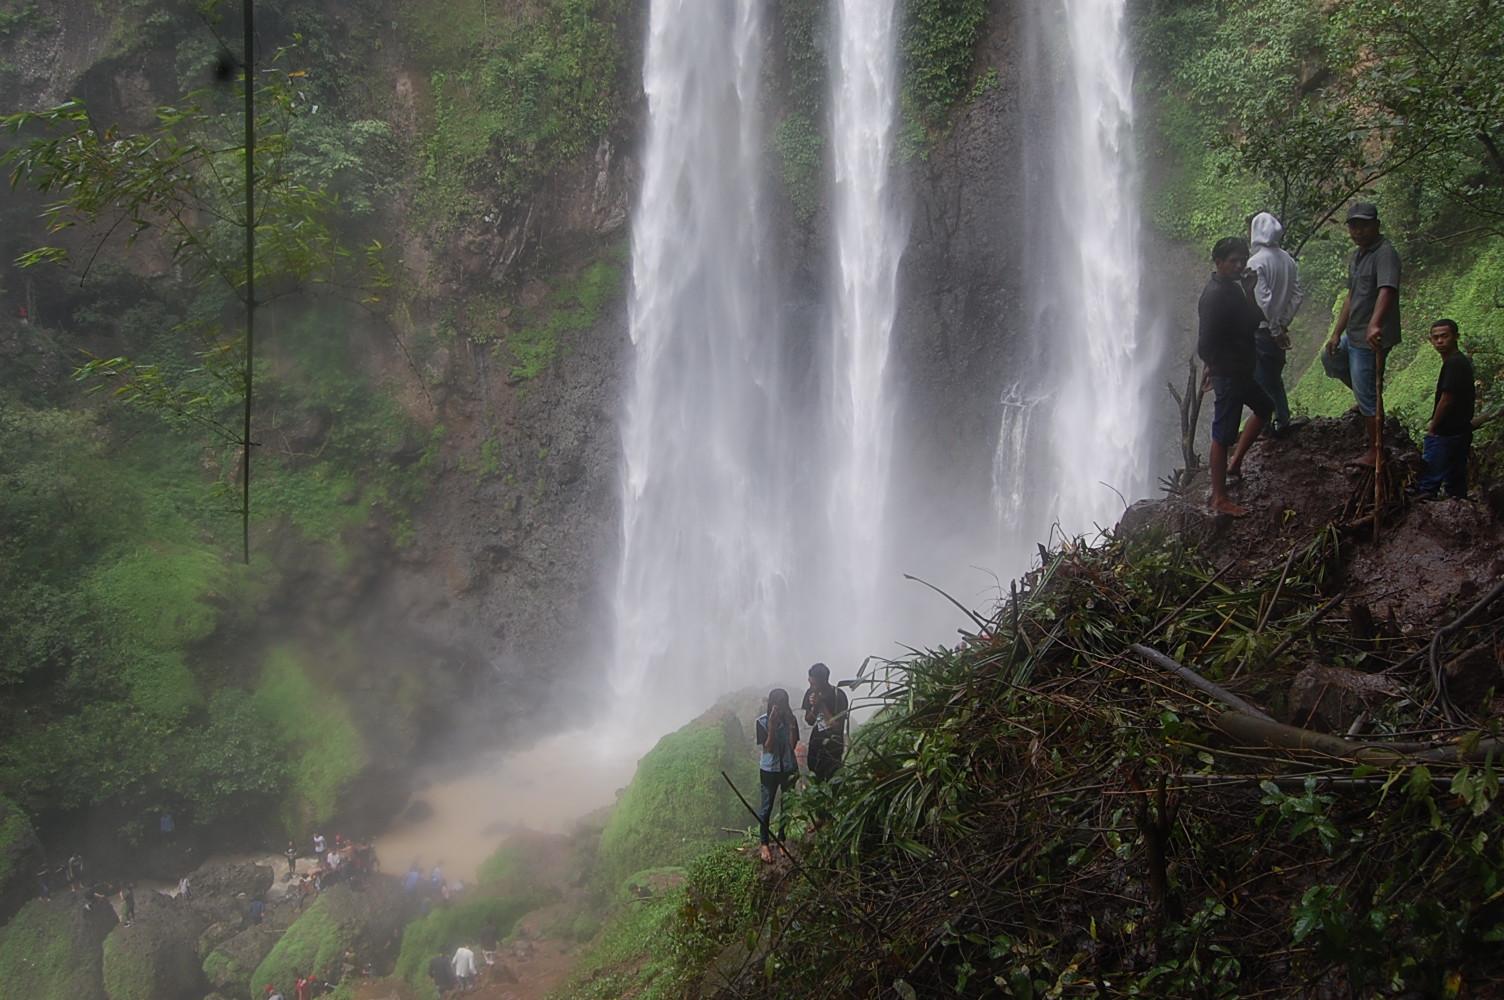 Air Terjun Bossolo Rumbia Wisata Alam Jeneponto Air Terjun Tama